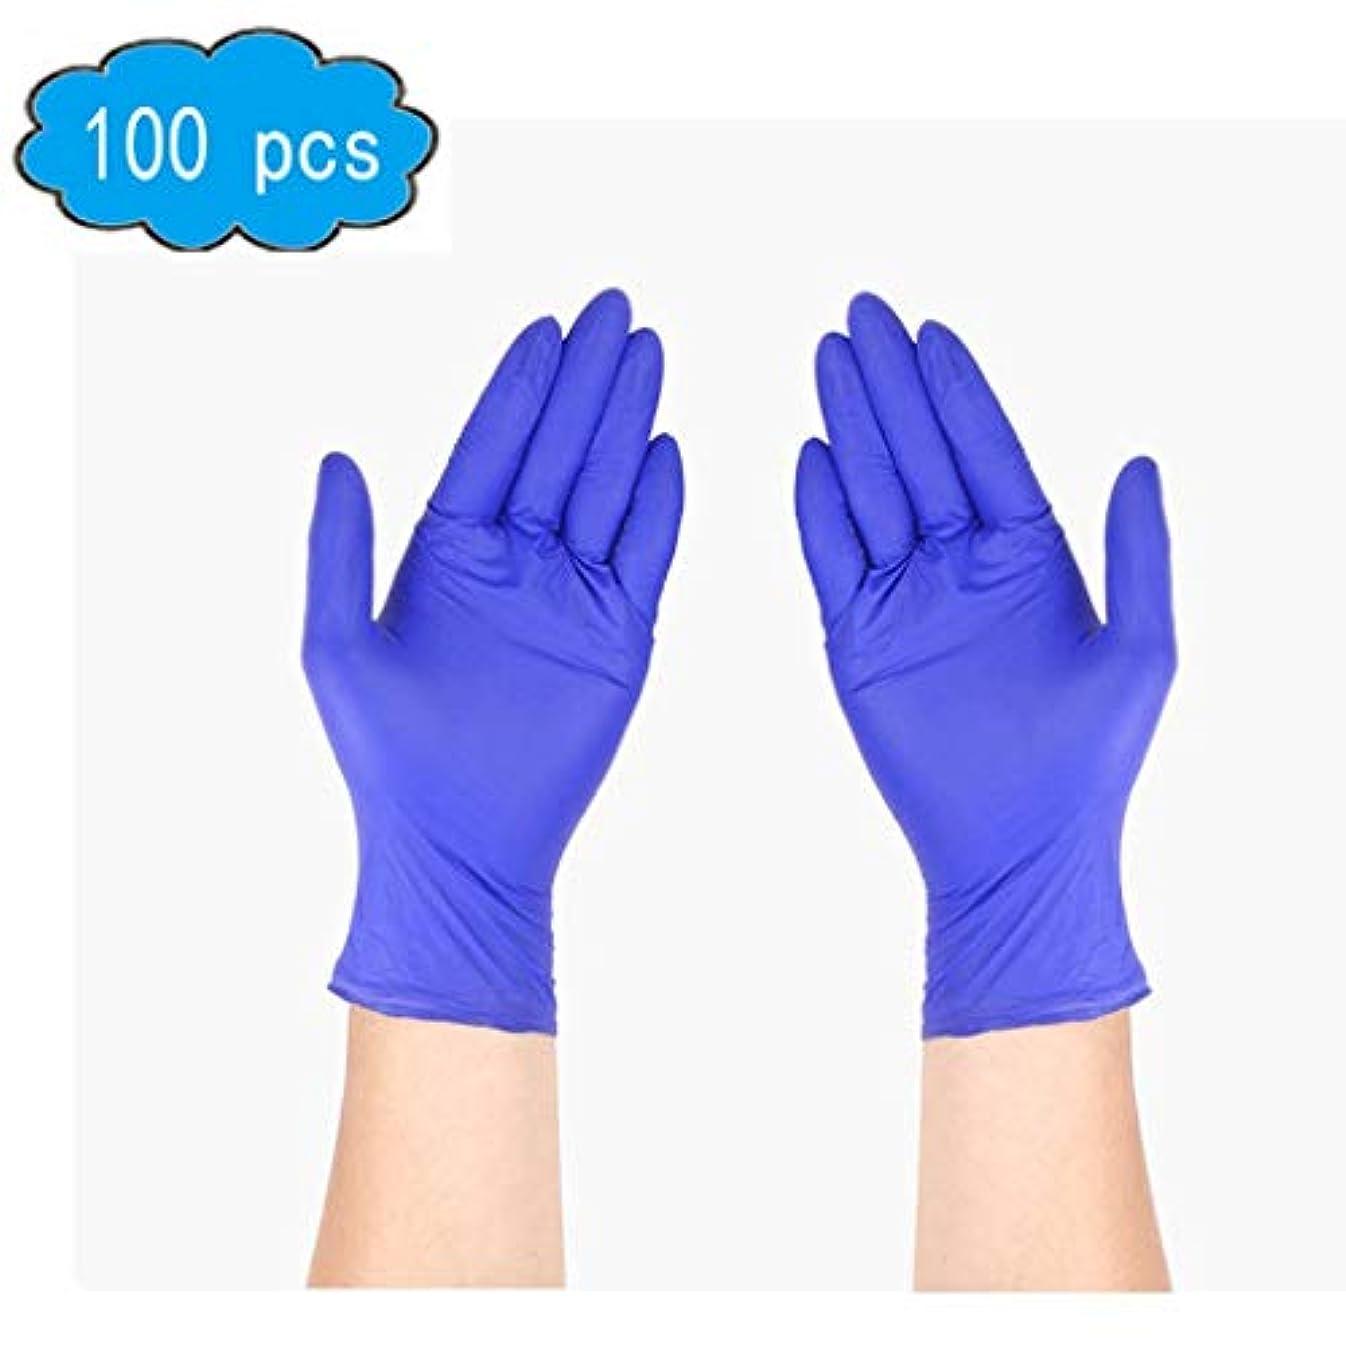 類似性間接的コーデリアニトリル試験用手袋 - 医療用グレード、使い捨て、パウダーフリー、ラテックスラバーフリー、ヘビーデューティー、テクスチャード、無菌、作業、医療、食品安全、クリーニング、卸売、特大(100個入り)、応急処置用品 (Color...